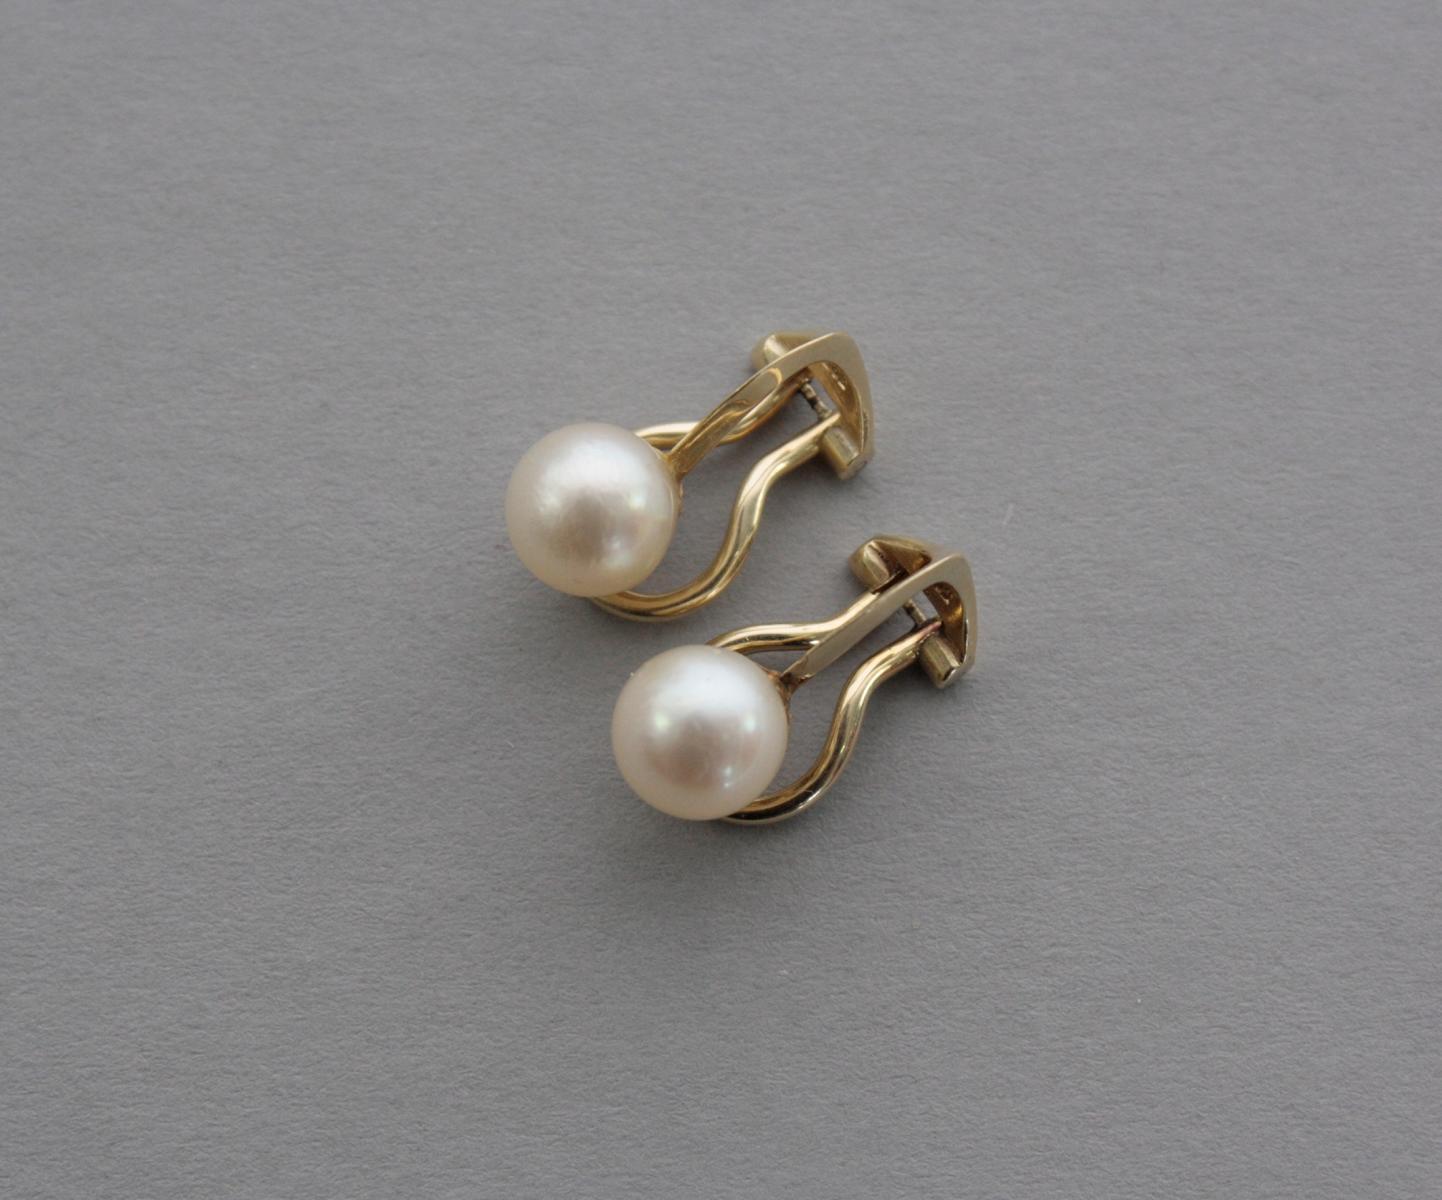 Ohrclips mit Perlen, 14 Karat Gelbgold